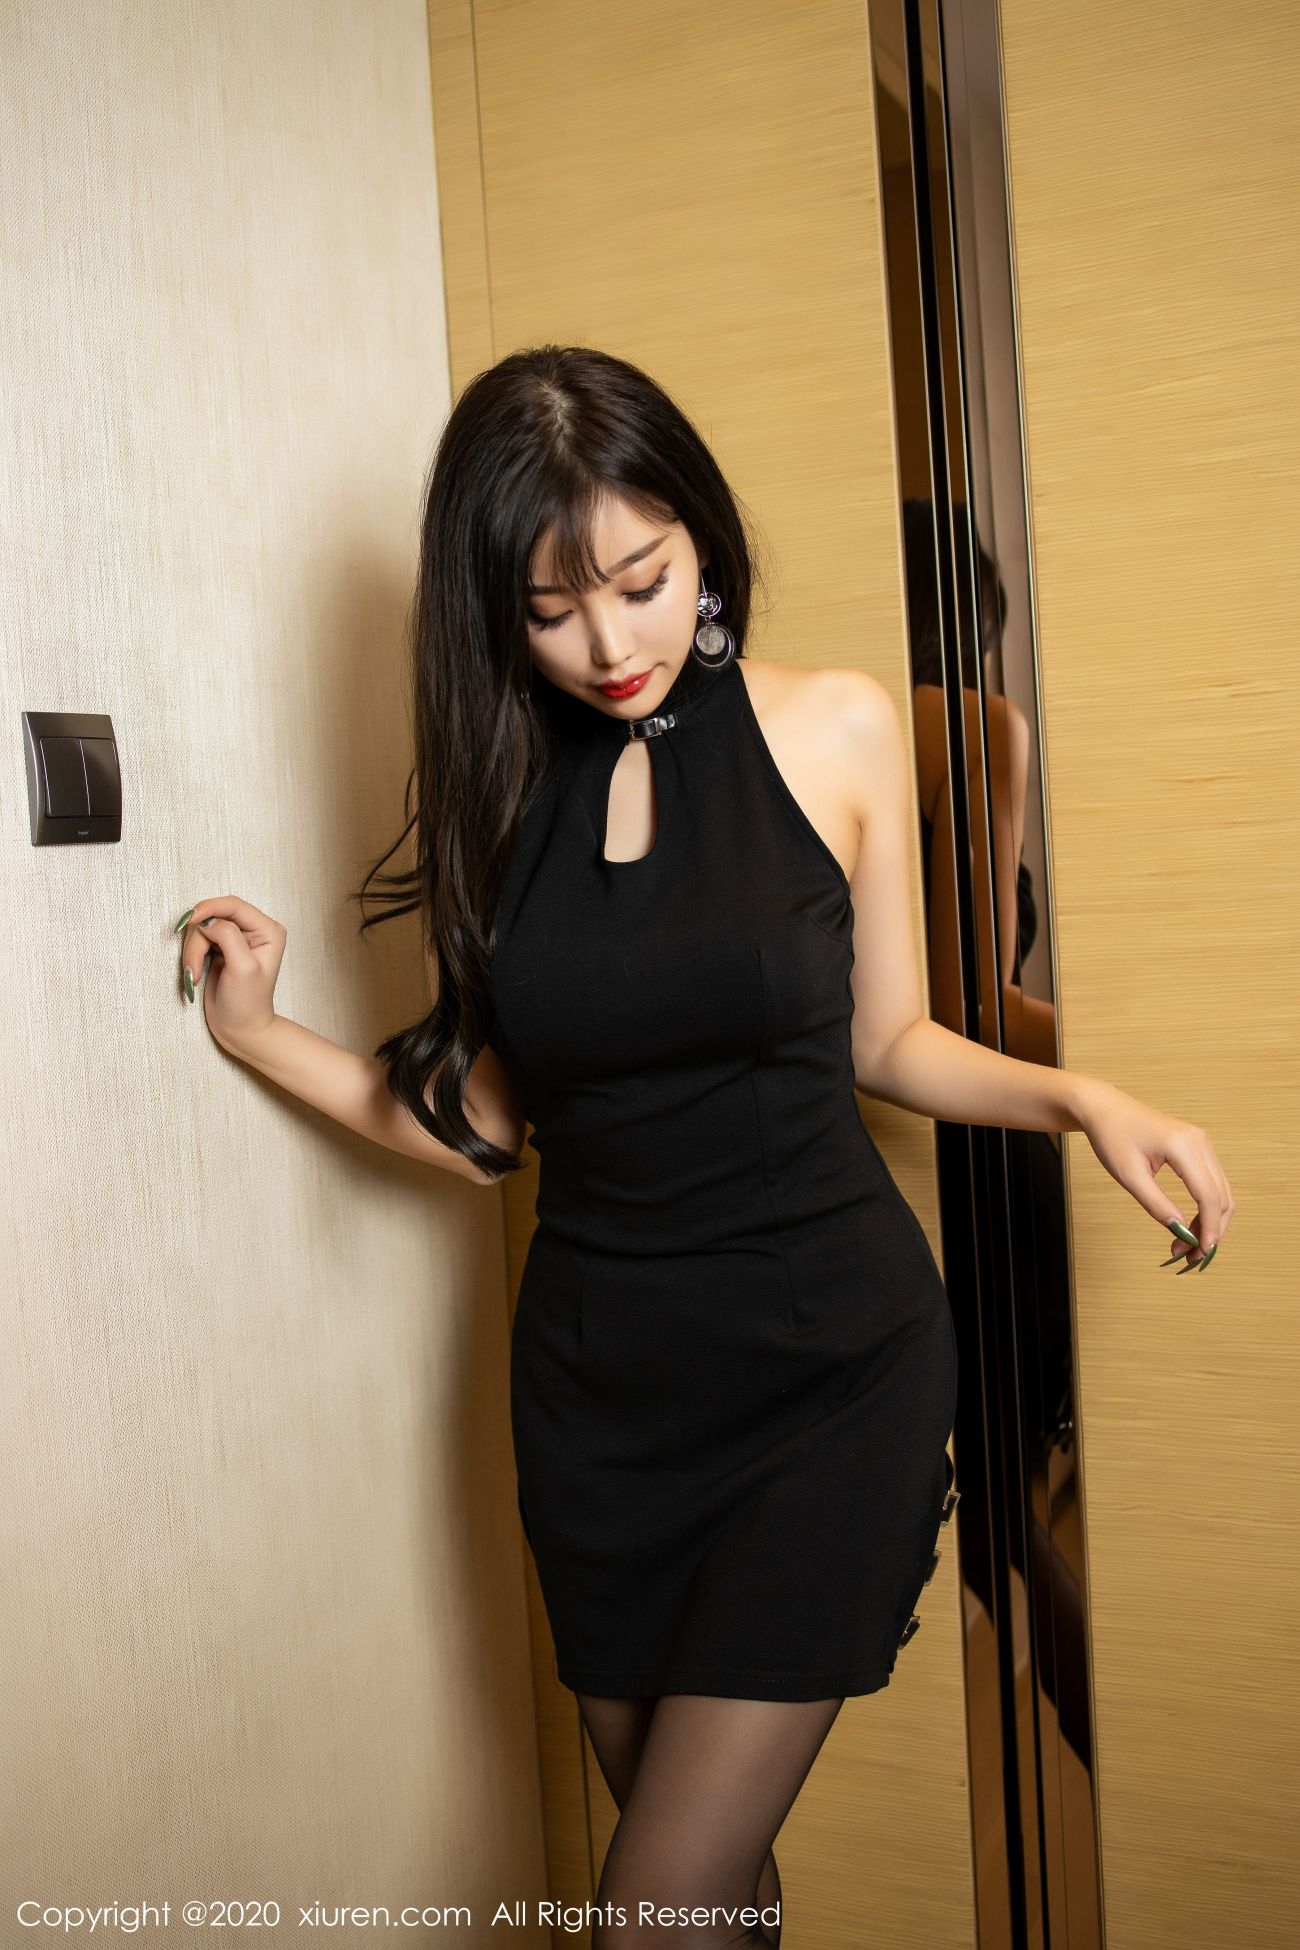 魅惑黑丝内衣之下的诱人娇躯 7